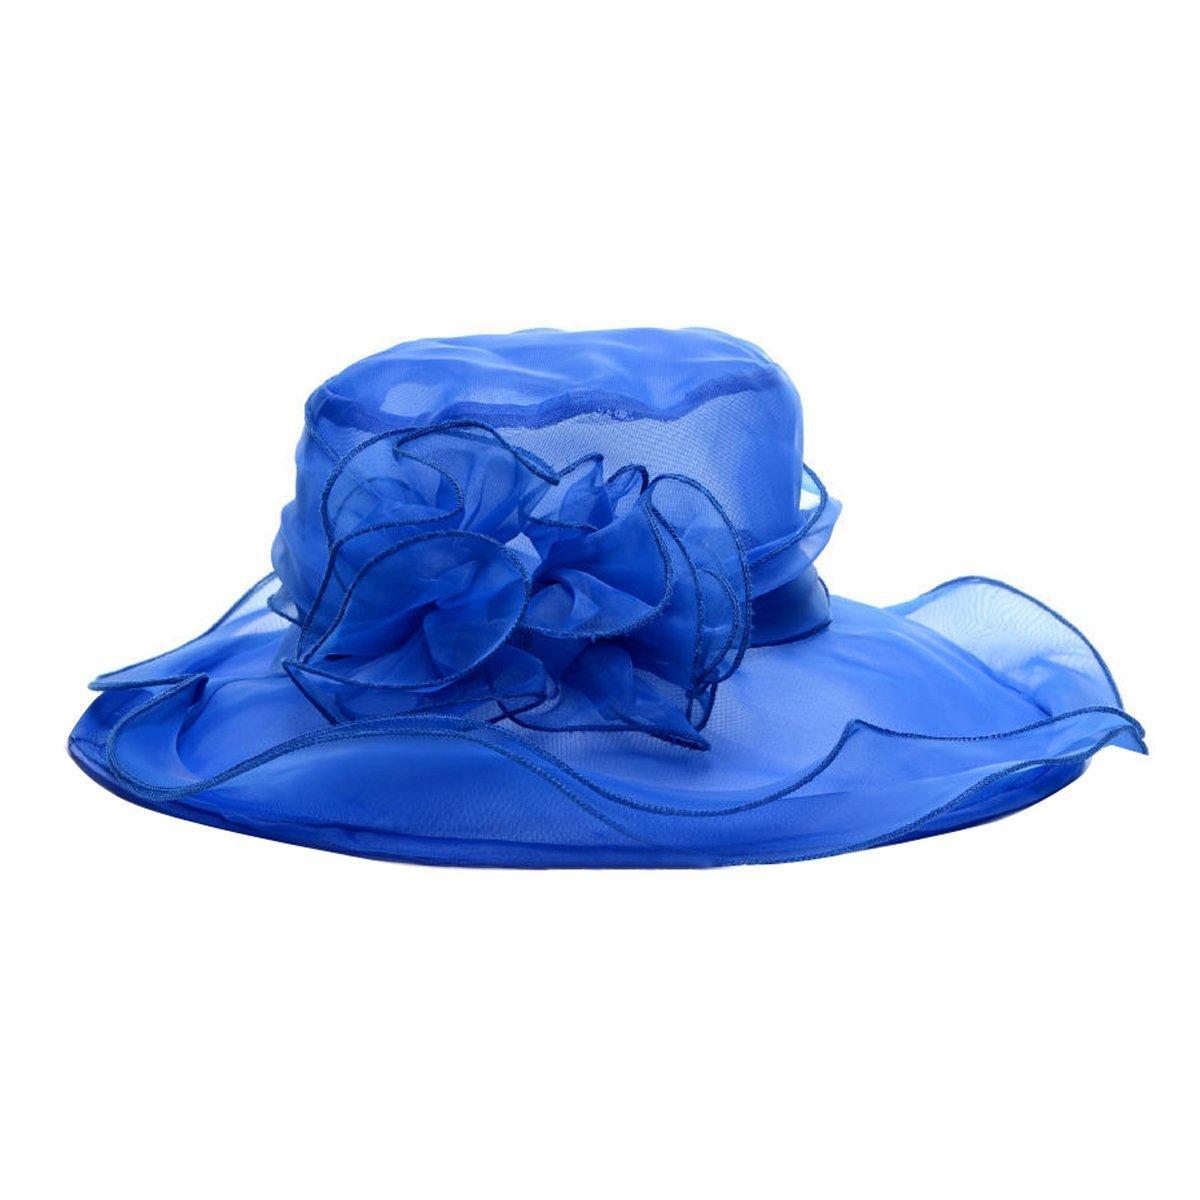 hugestore sombrero para el sol de gasa de organza con flores, plegable, sombrero de verano azul azul